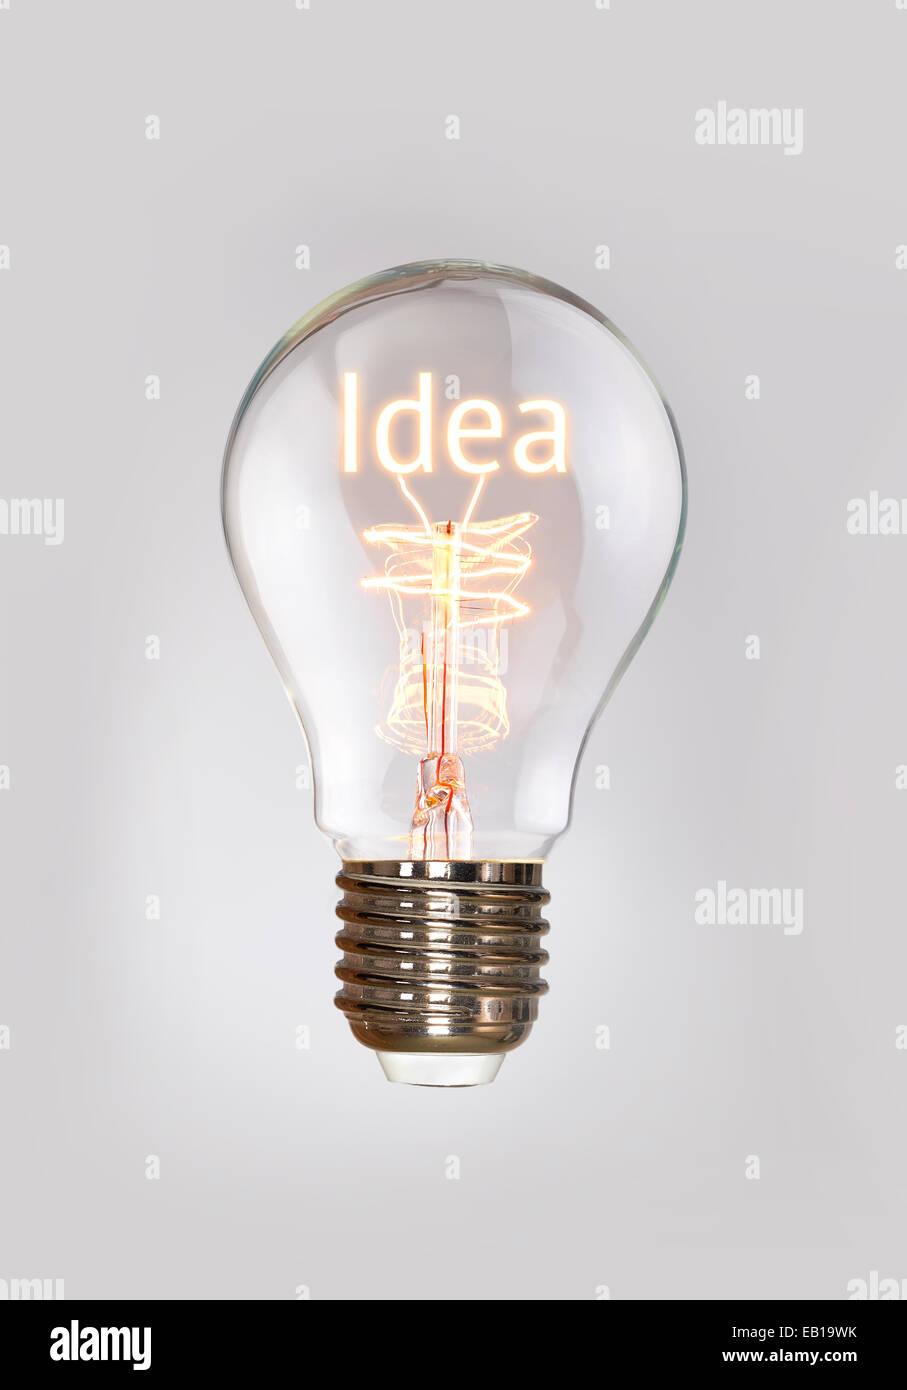 Ideas concepto en una bombilla de filamento. Imagen De Stock